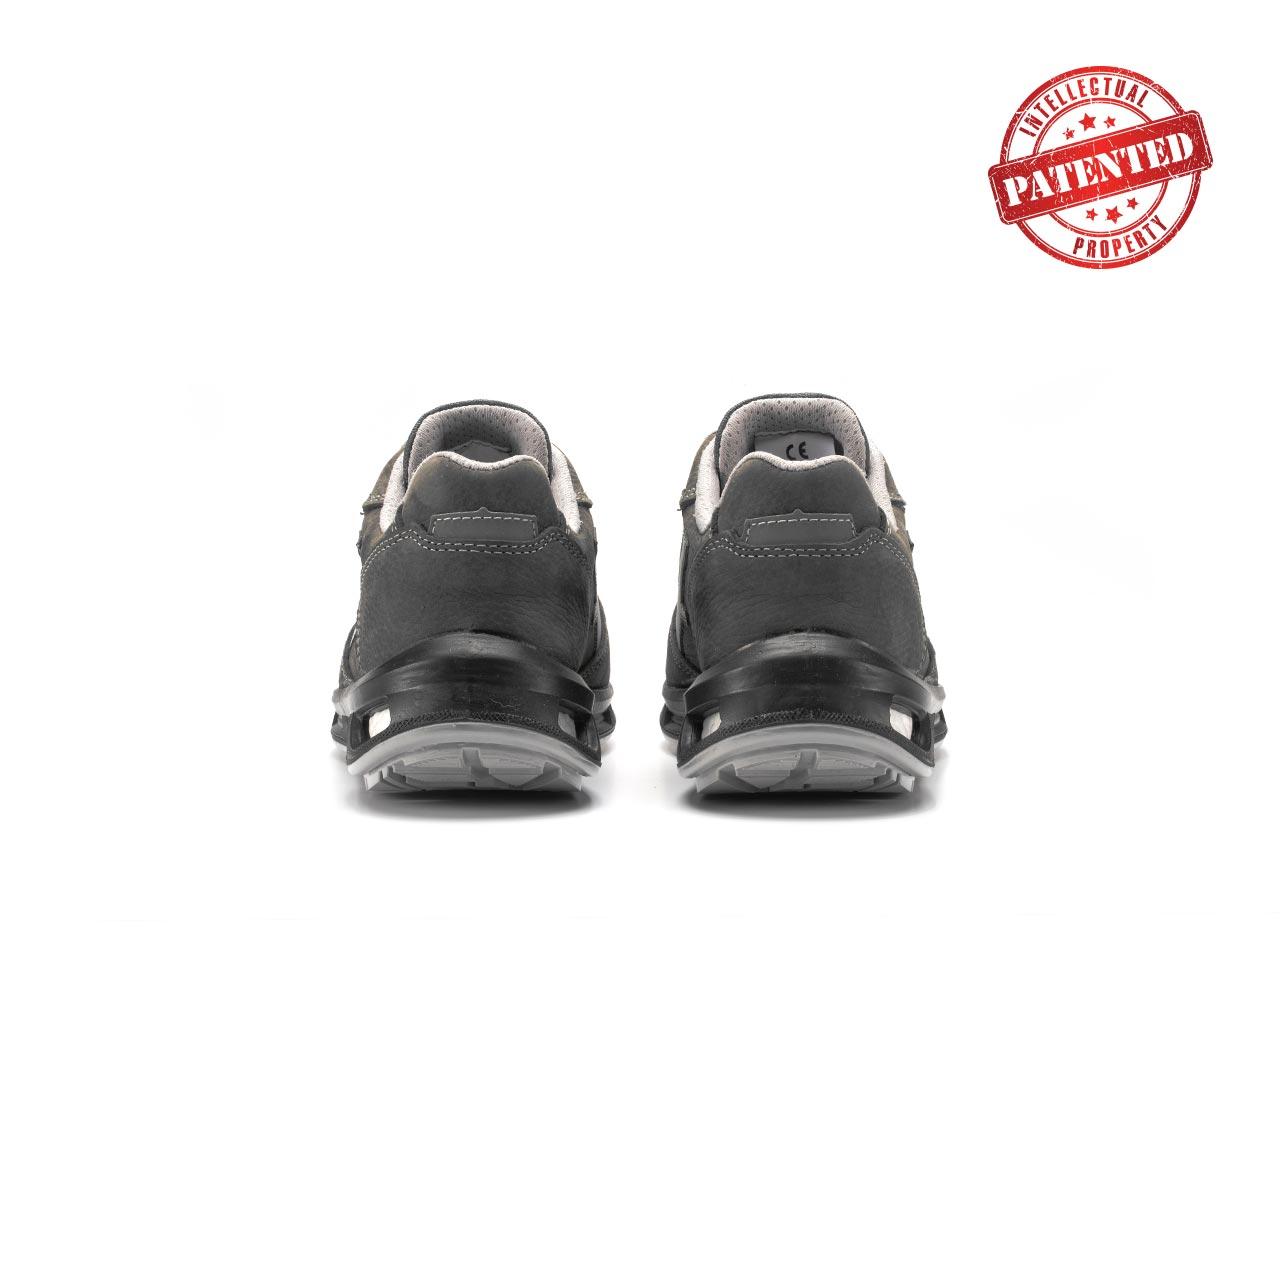 paio di scarpe antinfortunistiche upower modello kick linea redlion vista retro